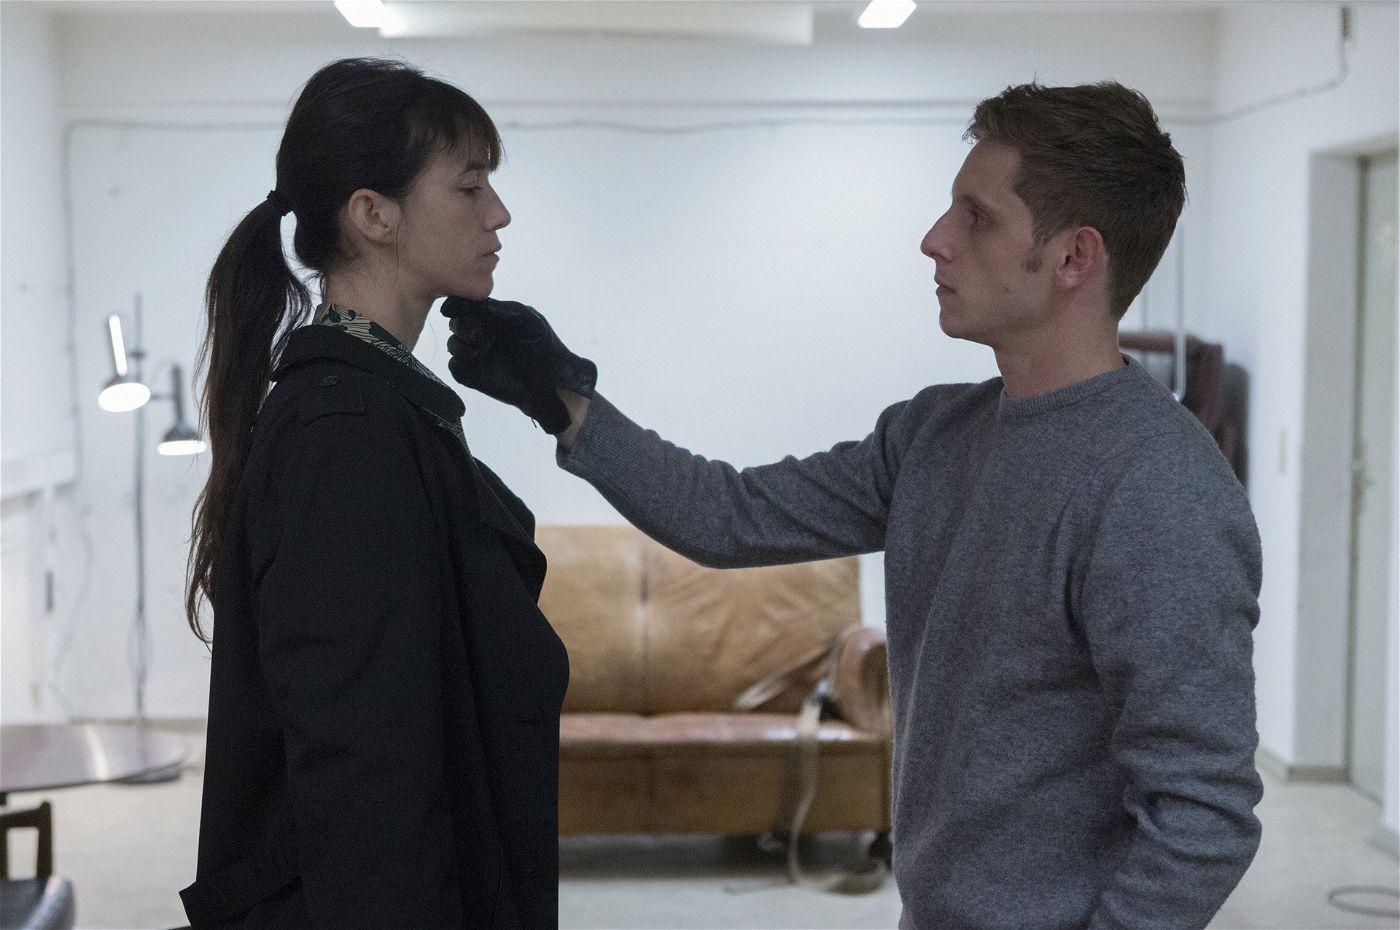 Joe (Charlotte Gainsbourg) wird von Sadist K. (Jamie Bell) in einem steril wirkenden Raum begutachtet.